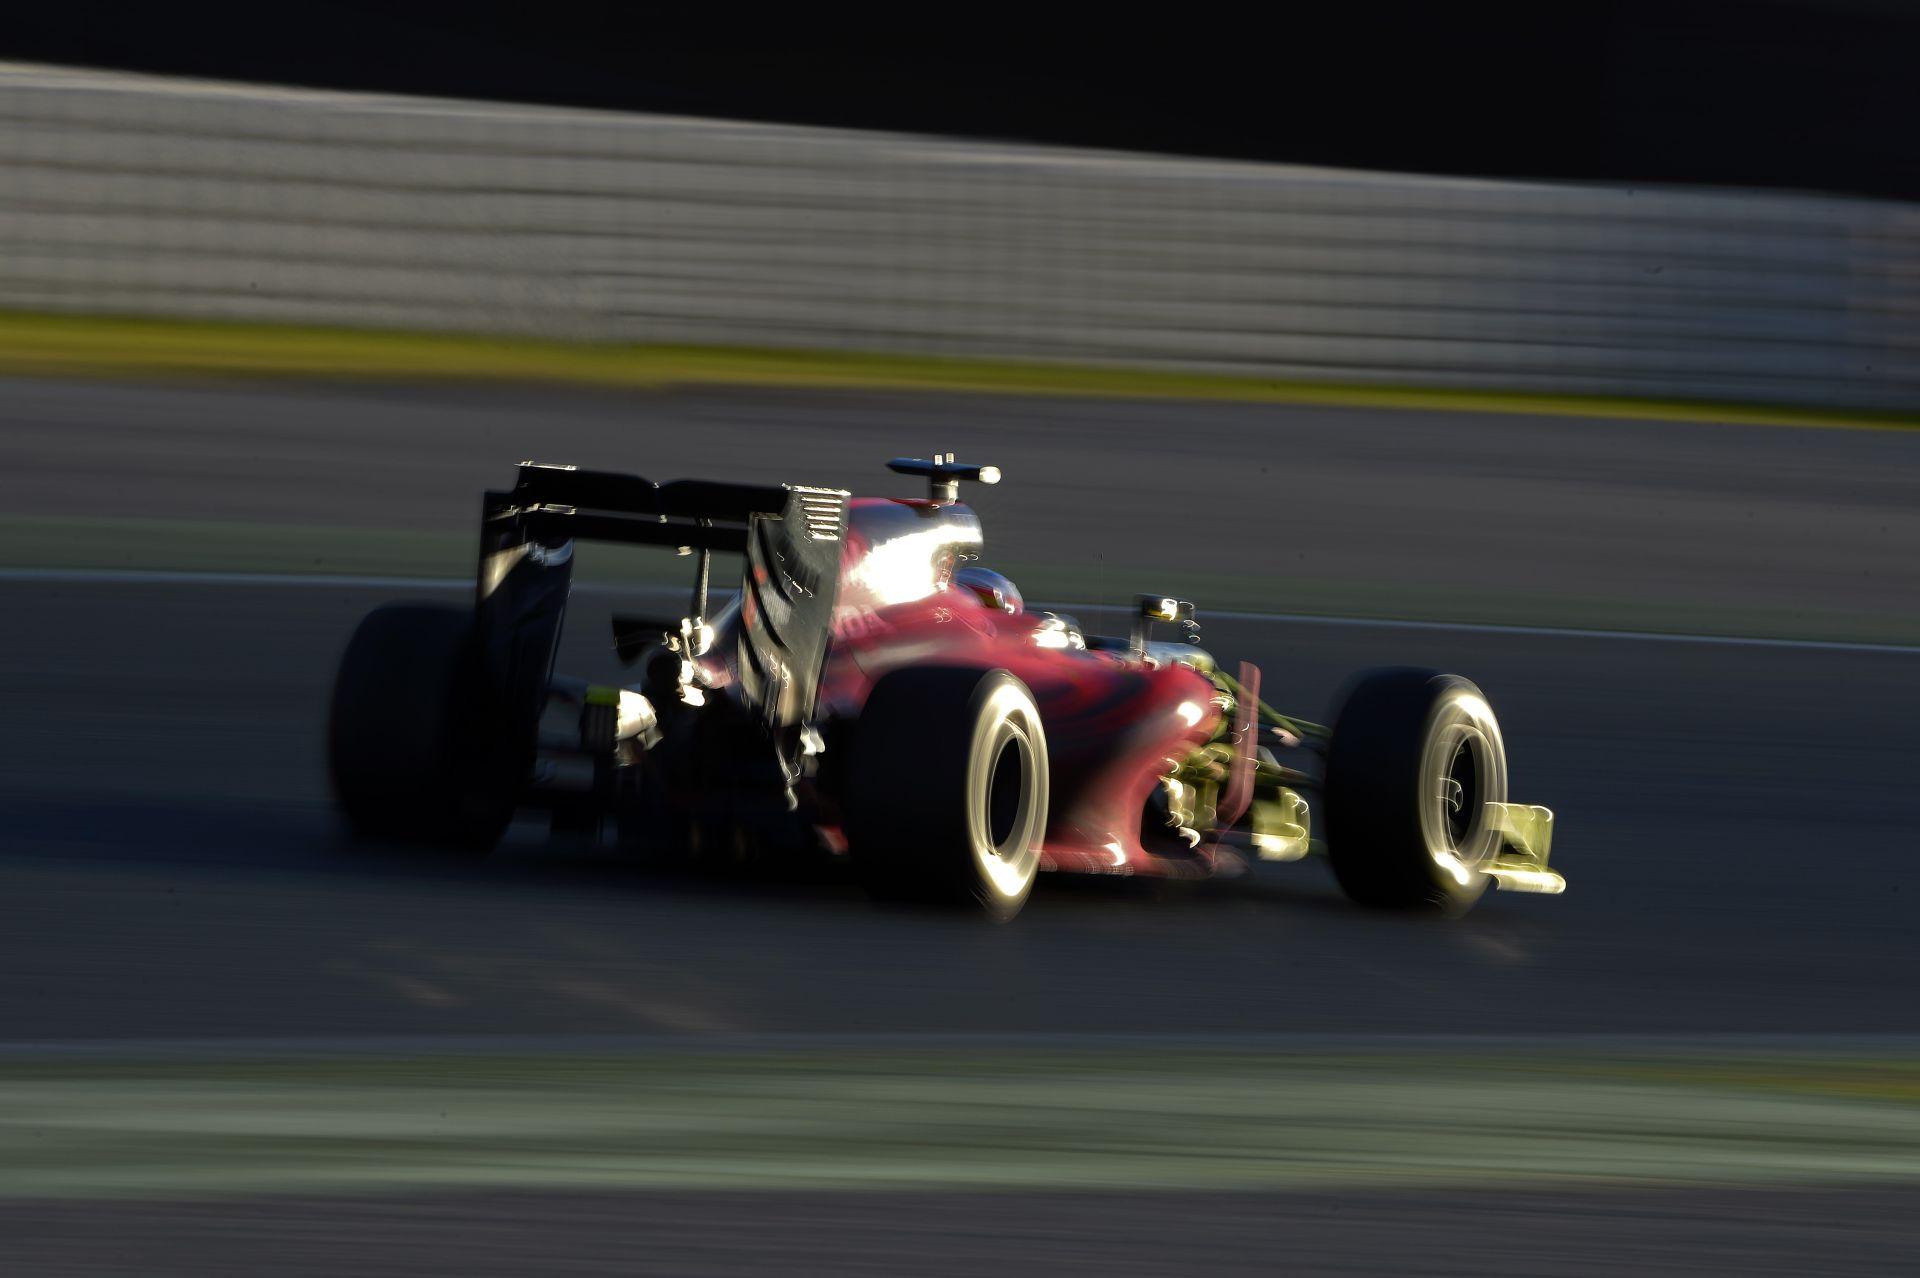 Alonso kivárja a 2017-es autót, és majd utána dönt a jövőjéről